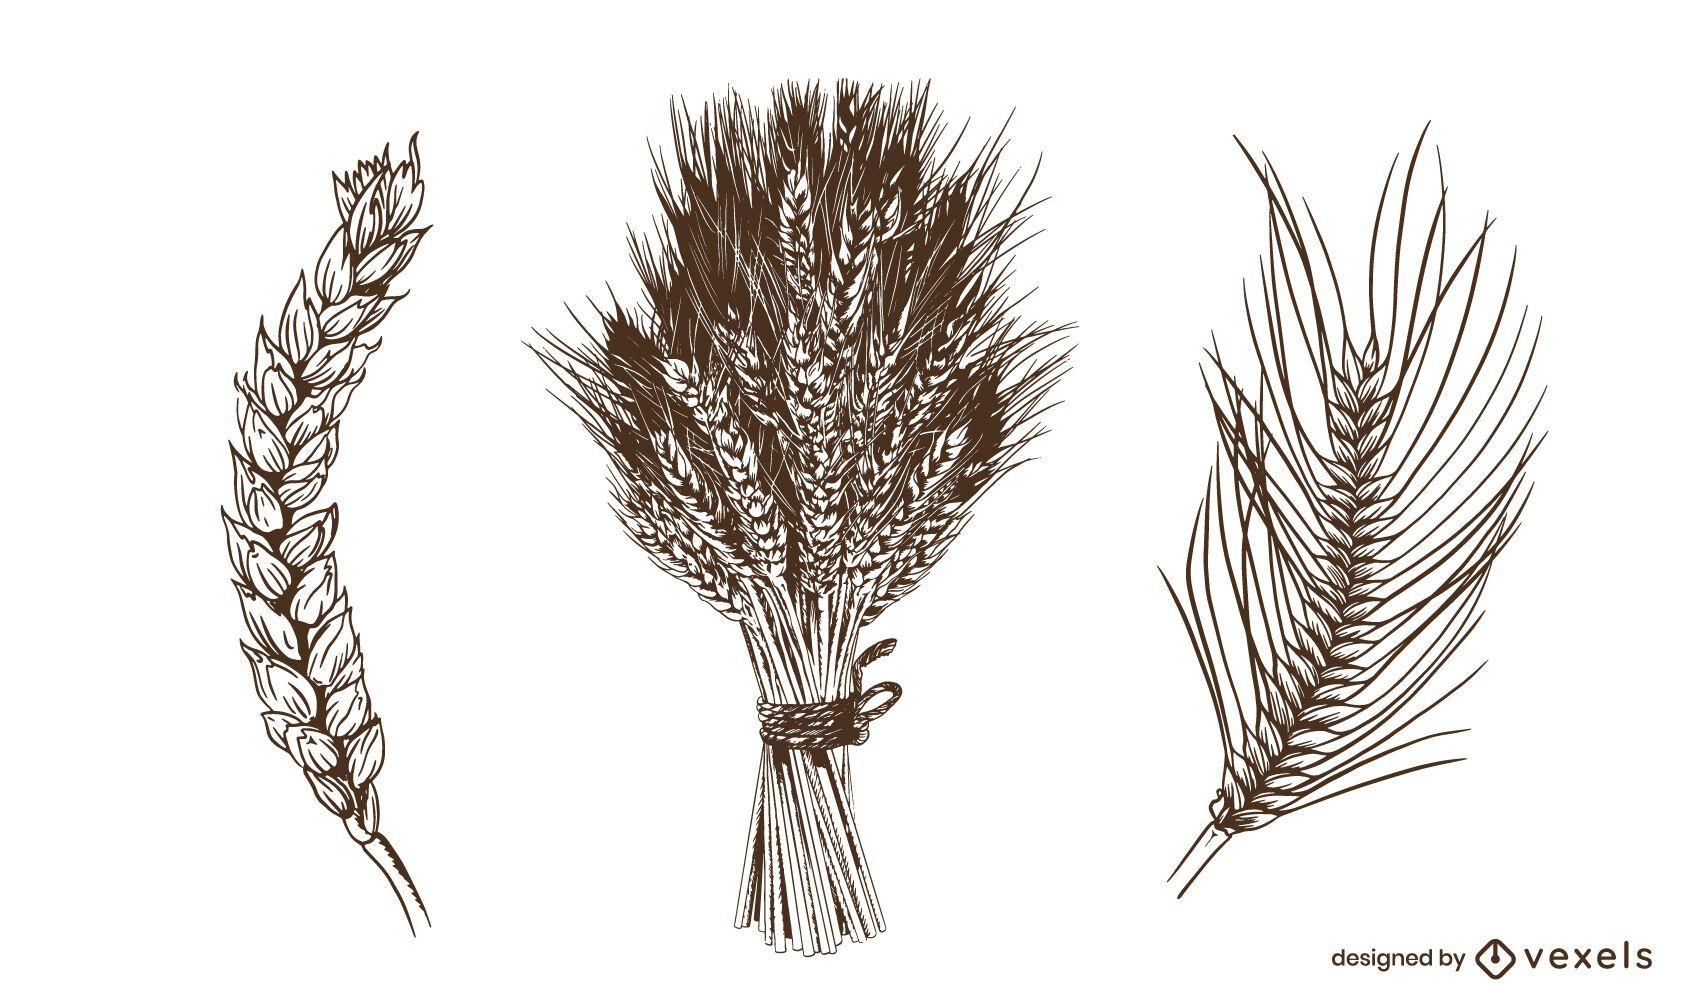 Conjunto de espigas de trigo desenhado à mão